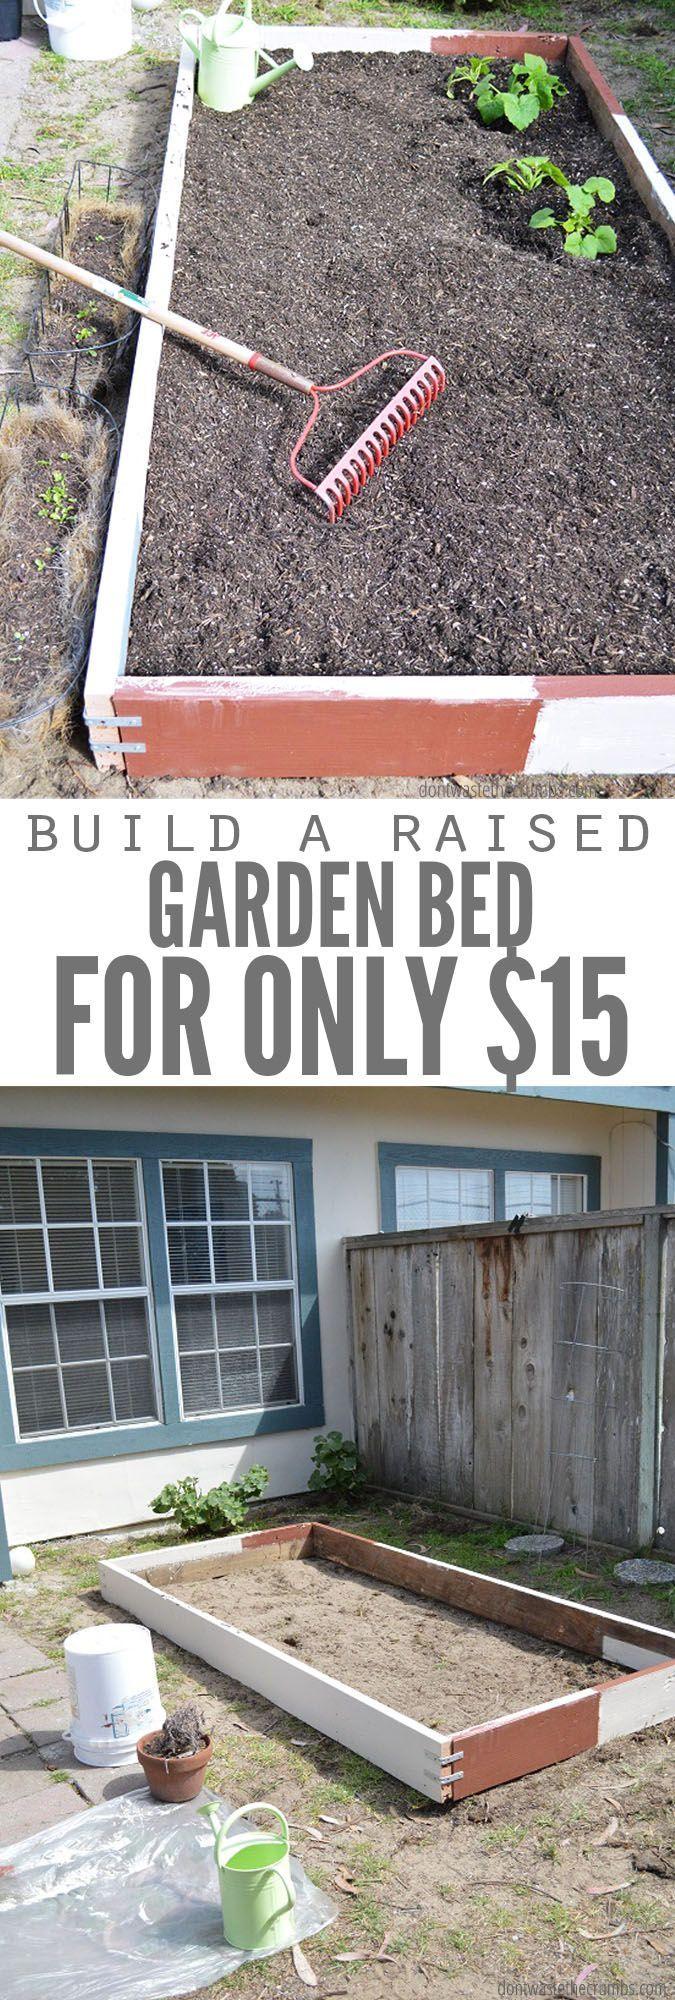 So bauen Sie ein Garten-Hochbeet für unter 15 US-Dollar